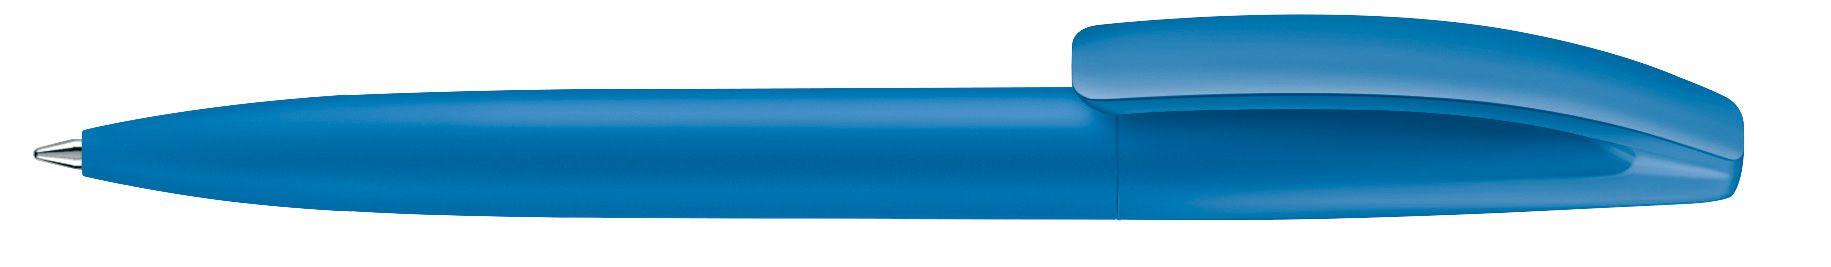 Stylo à bille Bridge soft Touch personnalisé bleu foncé